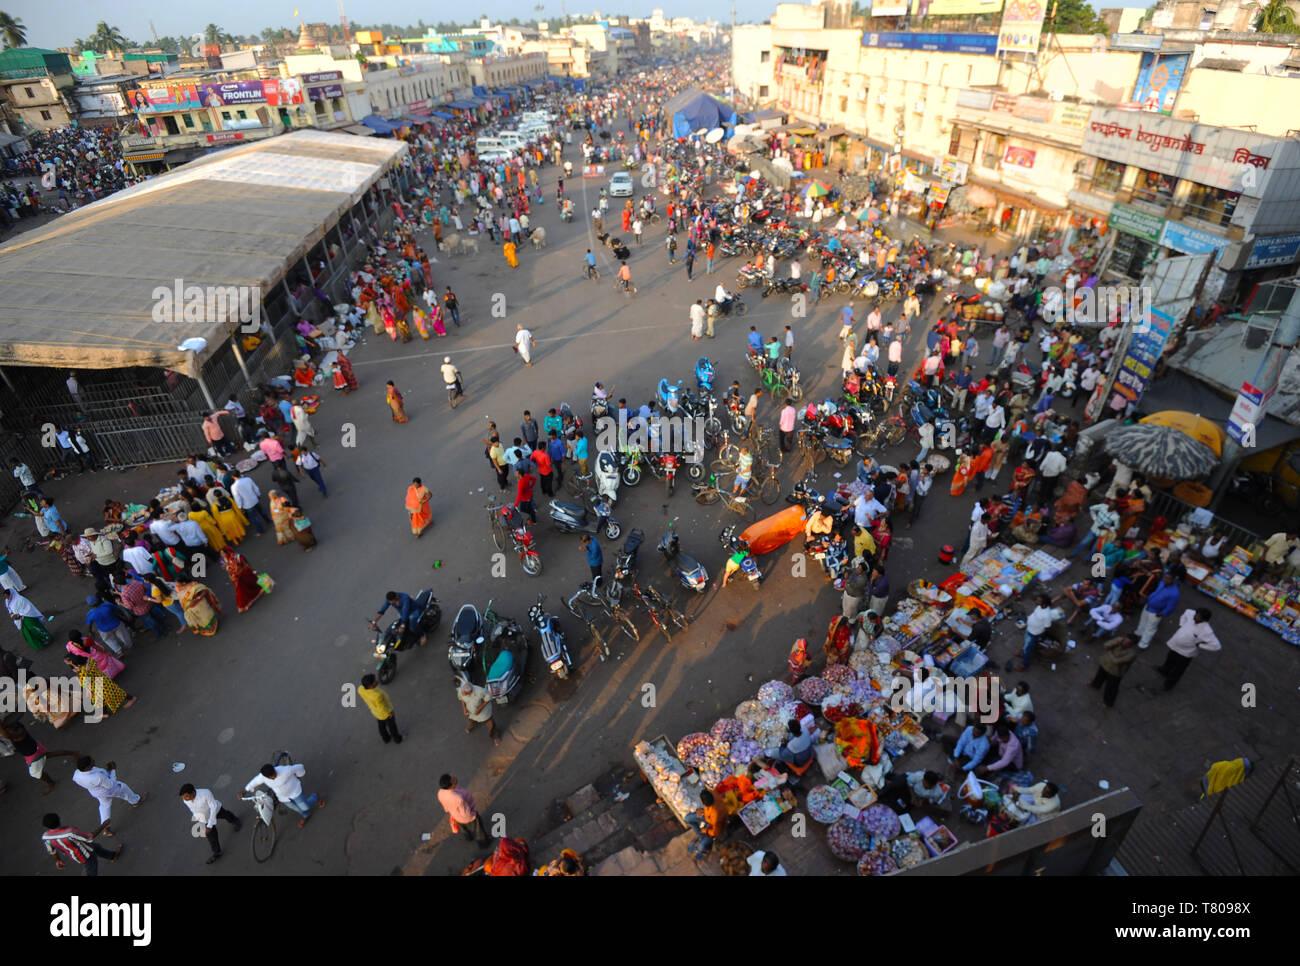 Le centre-ville de Puri montrant la rue principale et près de marché le Jagannath Temple de seigneur Vishnu, Puri, Odisha, Inde, Asie Banque D'Images